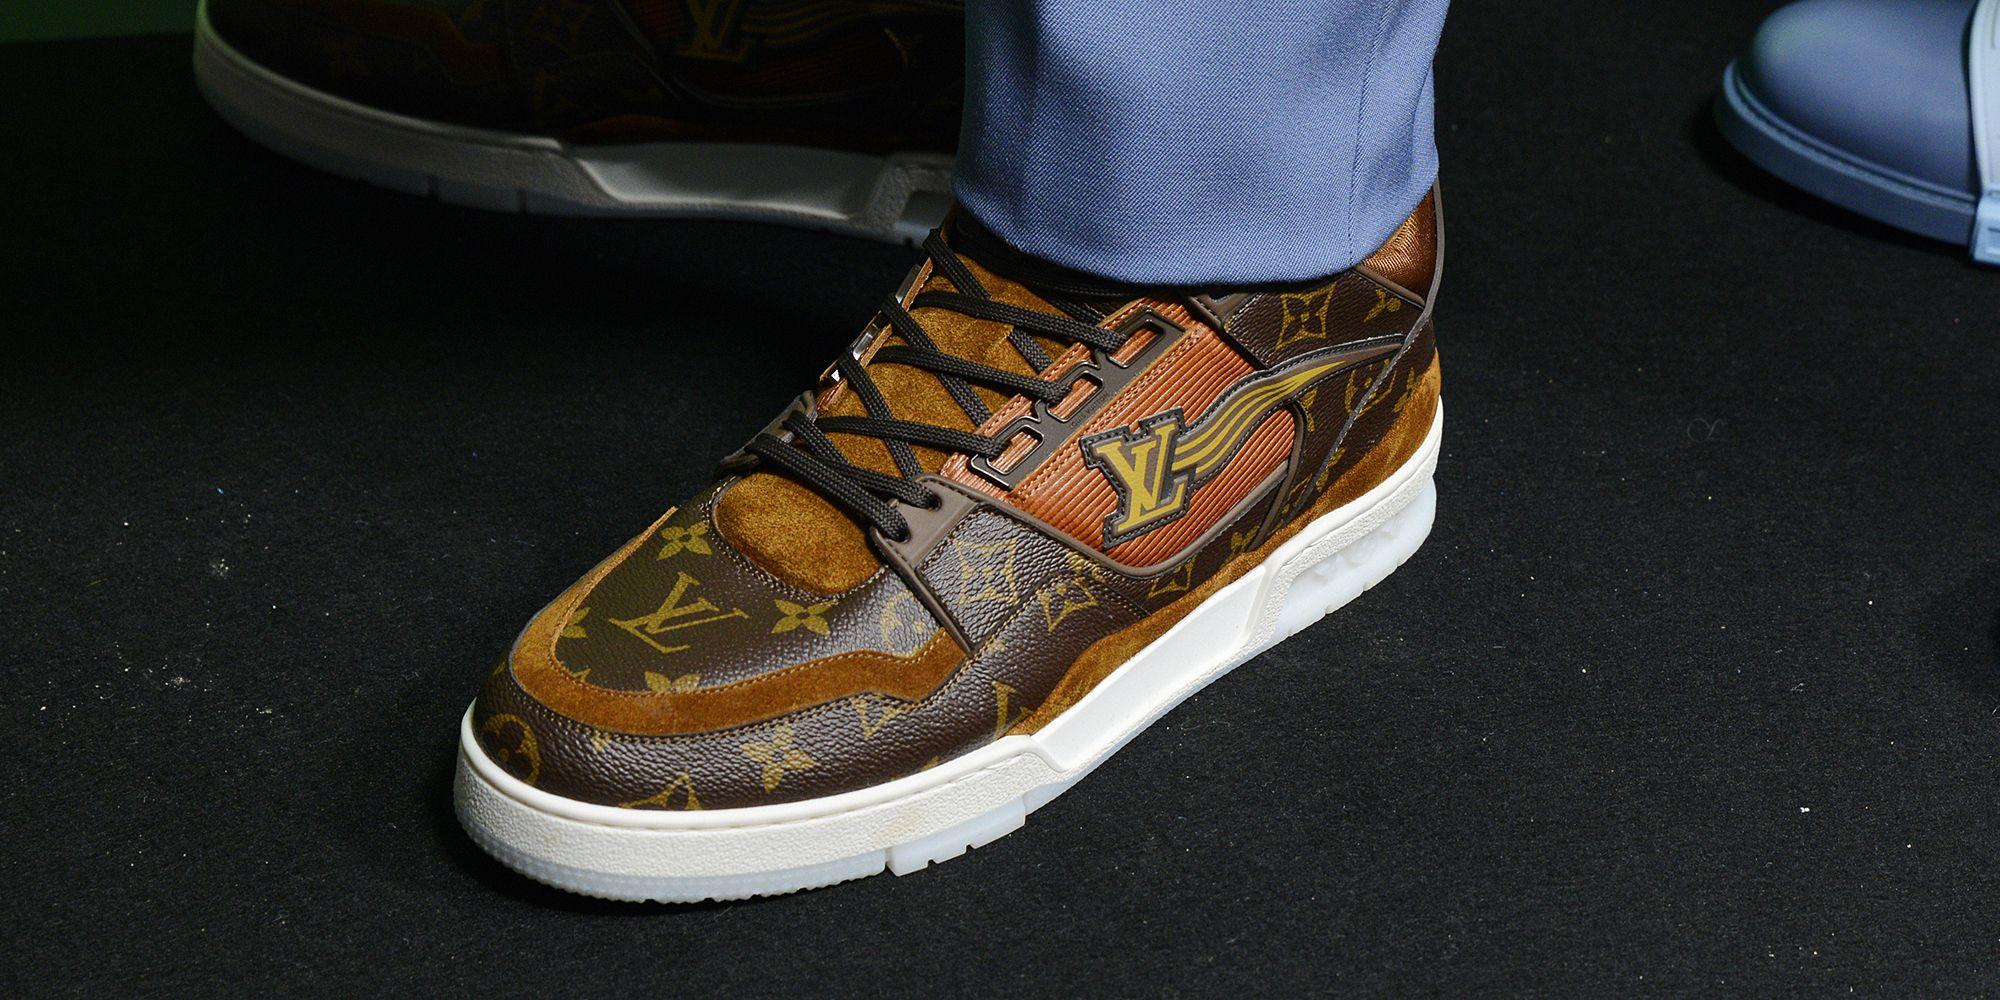 Le Sneakers Uomo Louis Vuitton Per Il 2020 Sono Davvero Esagerate